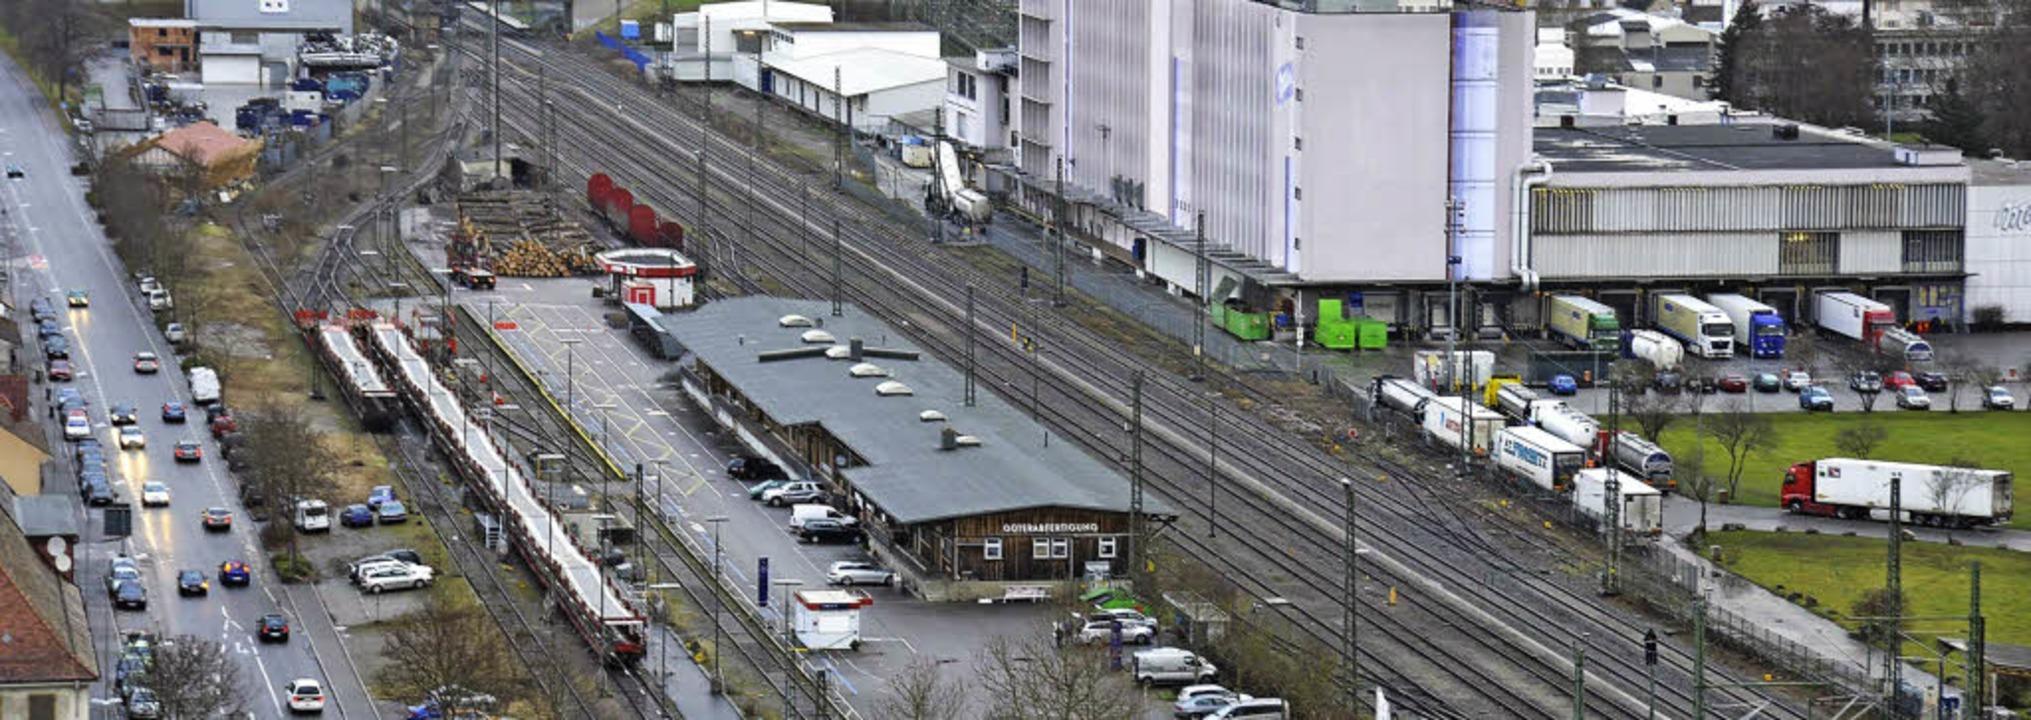 Güterbahnhof Lörrach: Die Verladestati...und dahinter dier Holzverladebereich.   | Foto: Nikolaus Trenz